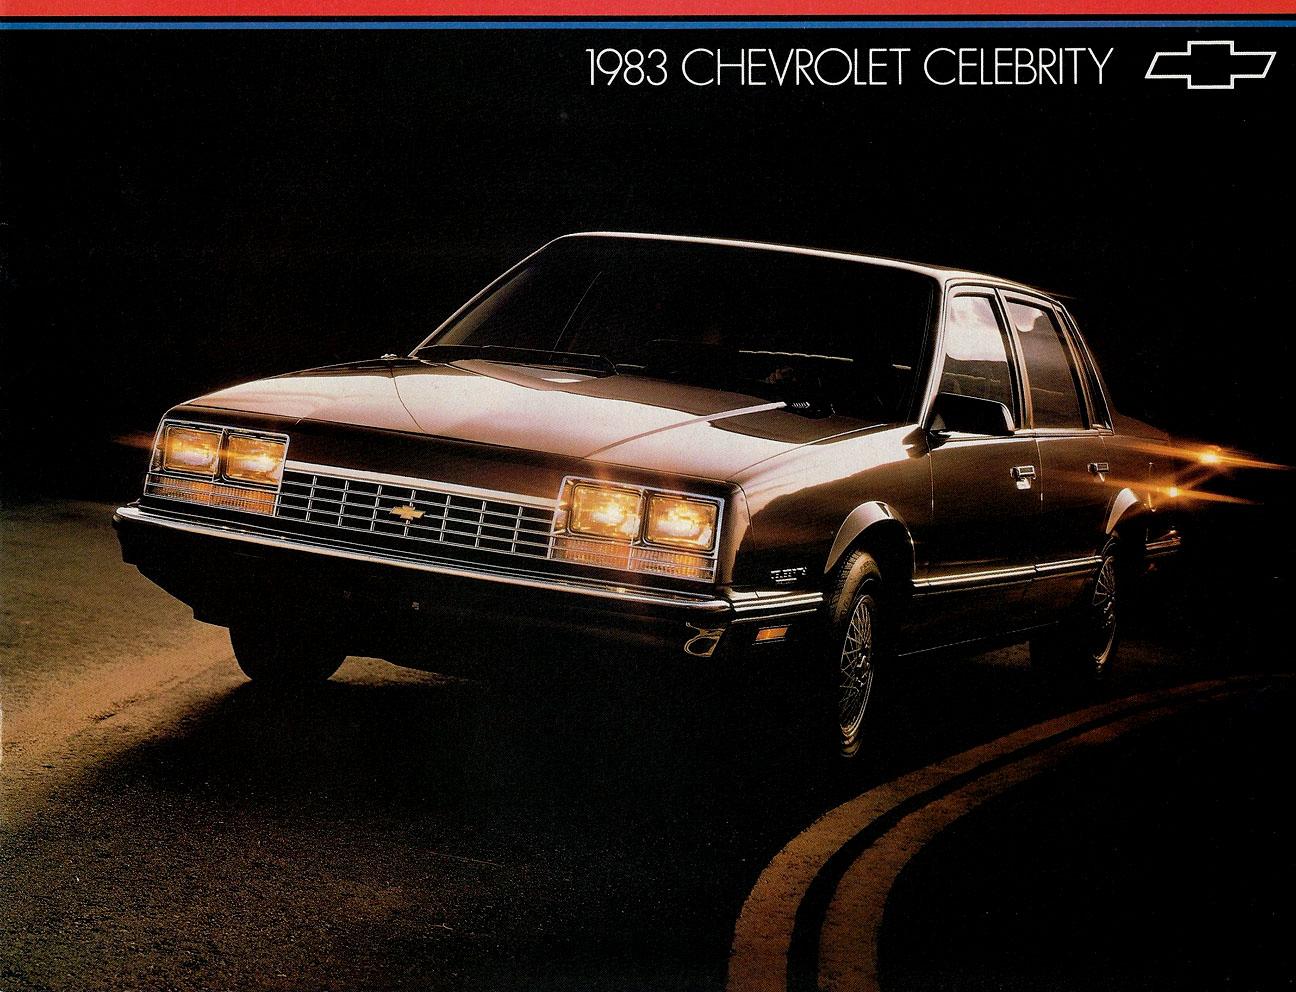 Relay wiring chevy celebrity 2.8 v6 1985 - YouTube